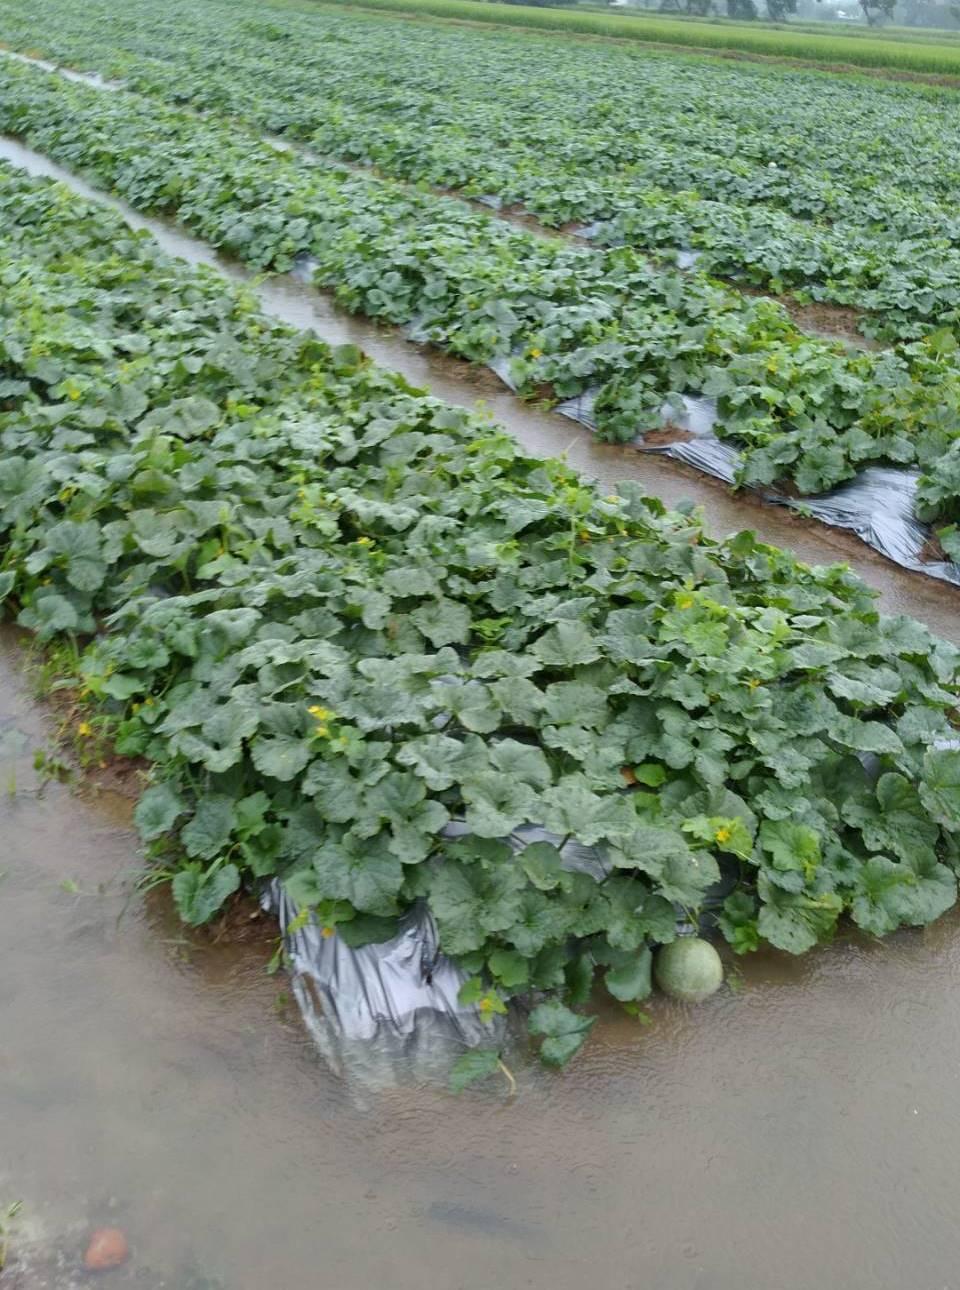 新豐鄉的農業特產洋香瓜、西瓜及哈蜜瓜的瓜田,也因大雨轟炸而嚴重積水。圖/讀者提供